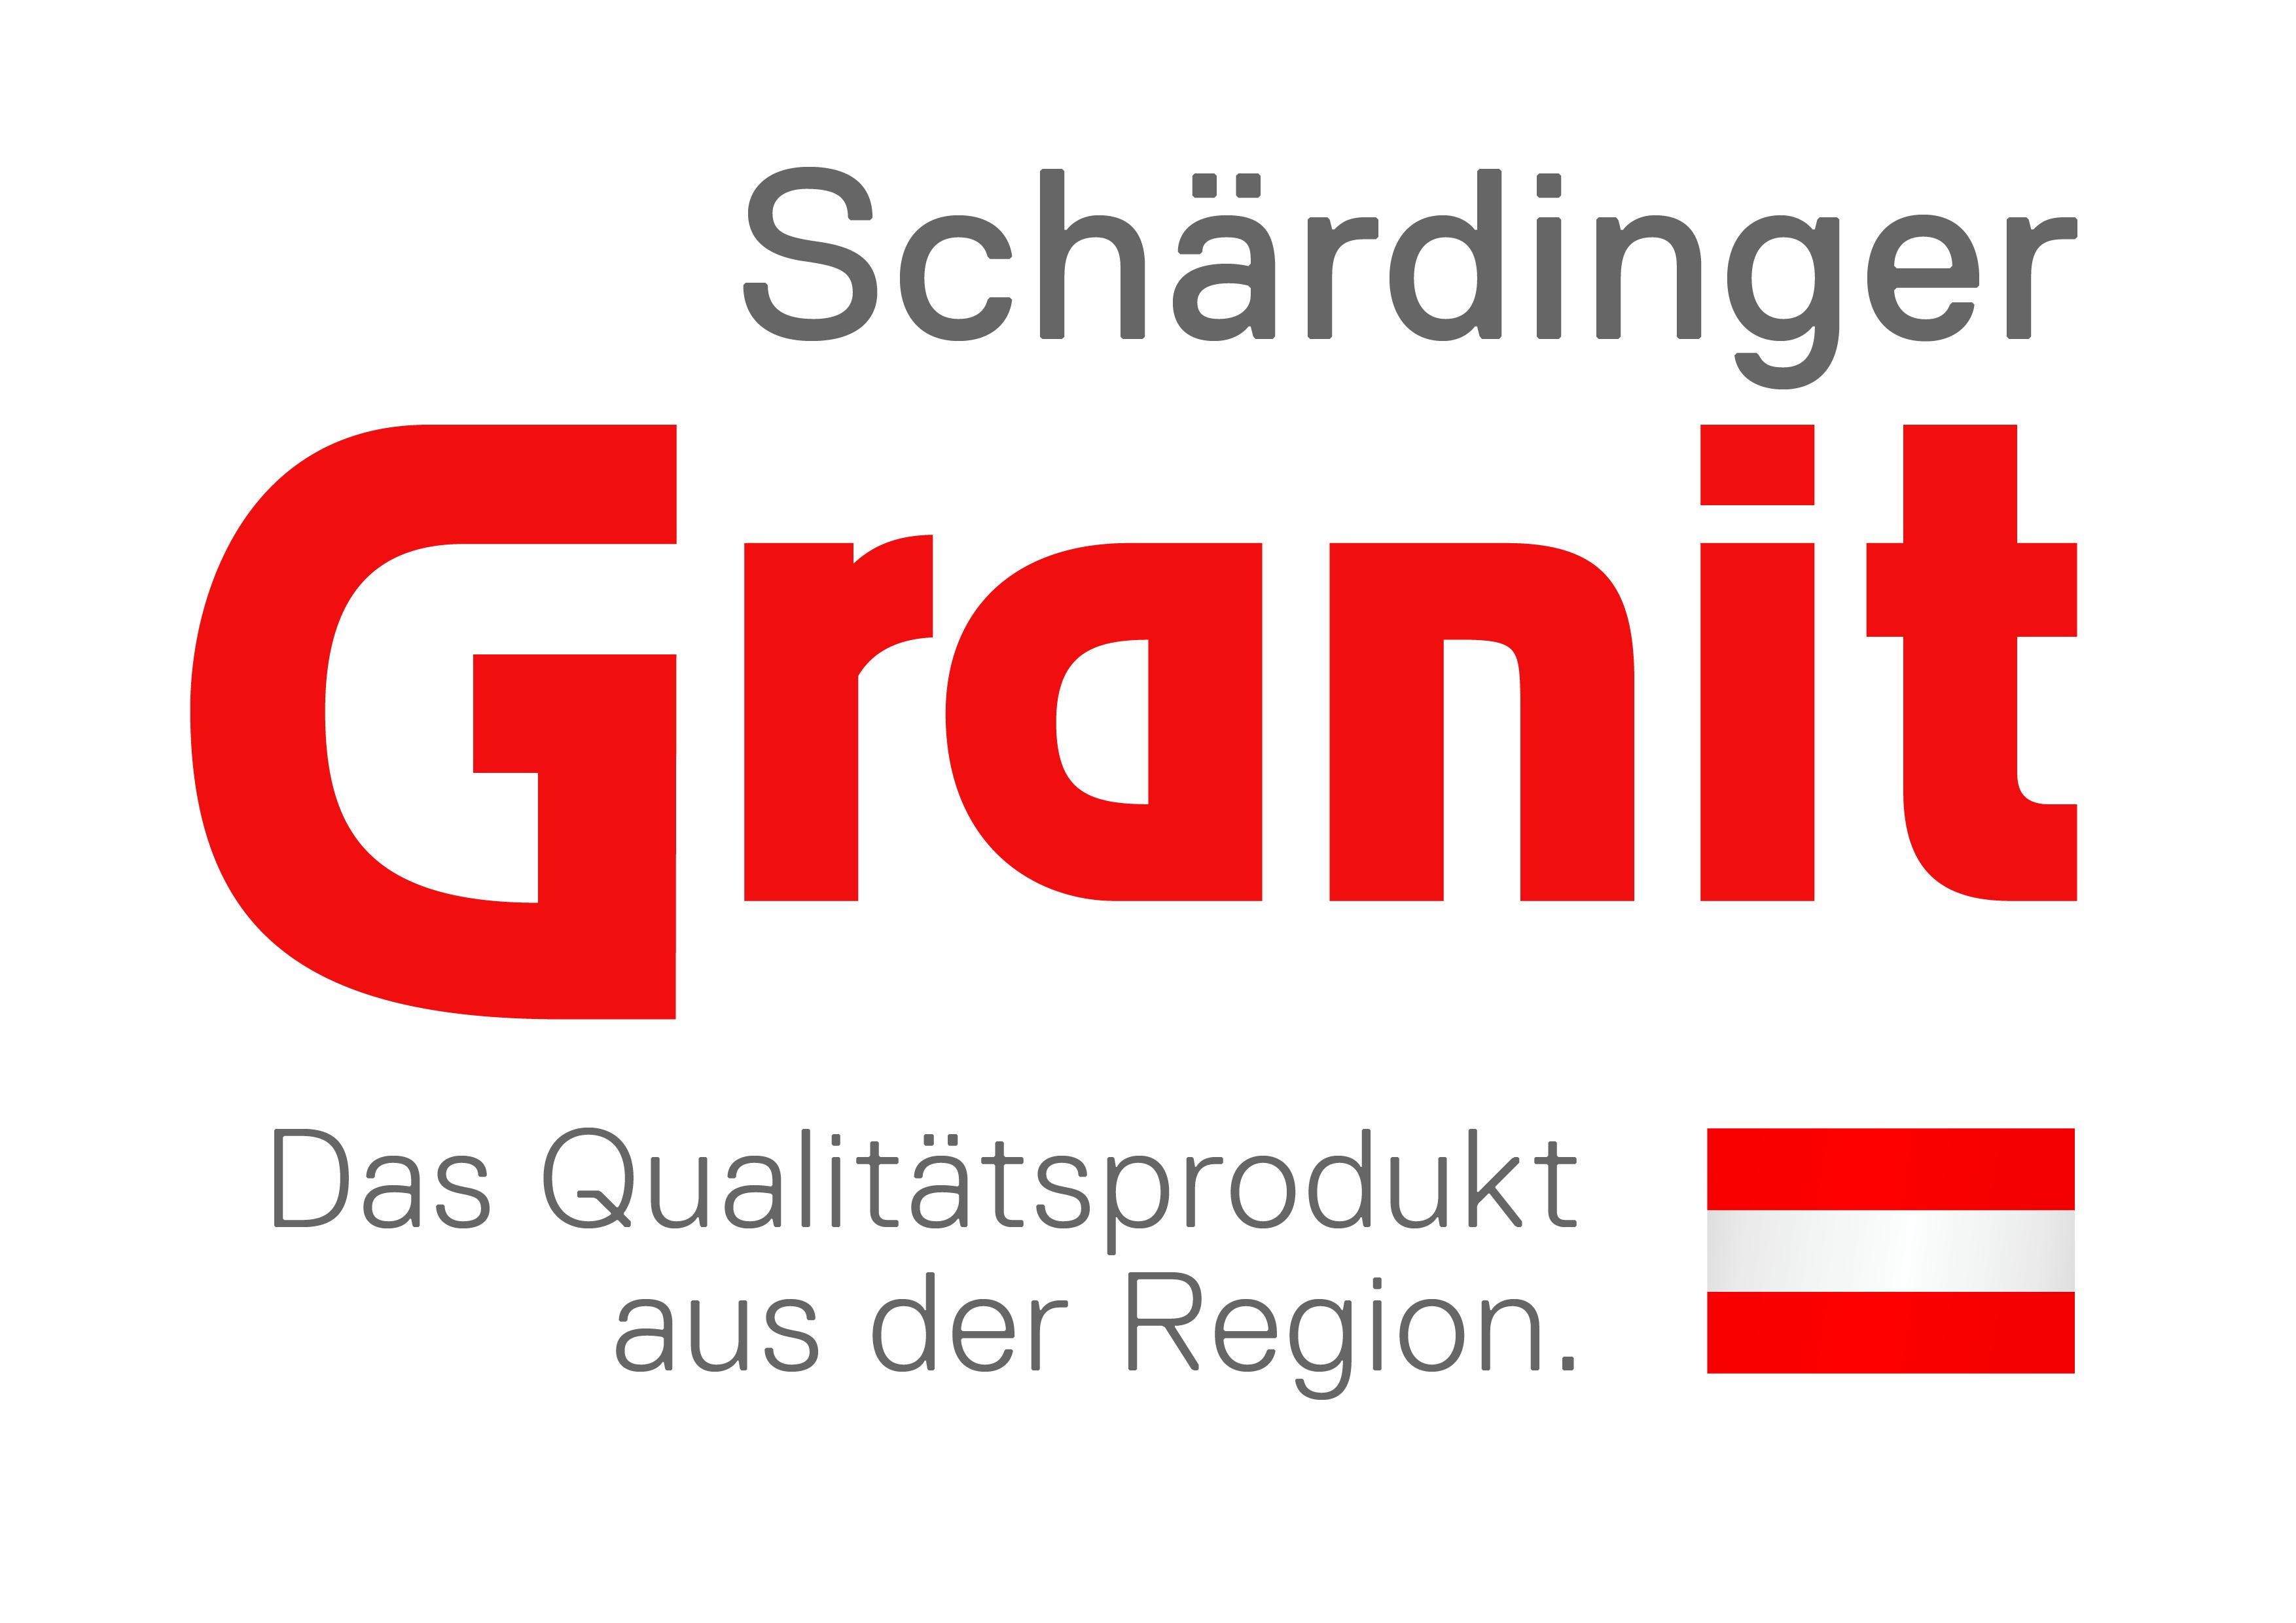 Sponsoren-Schaerdinger-Granit